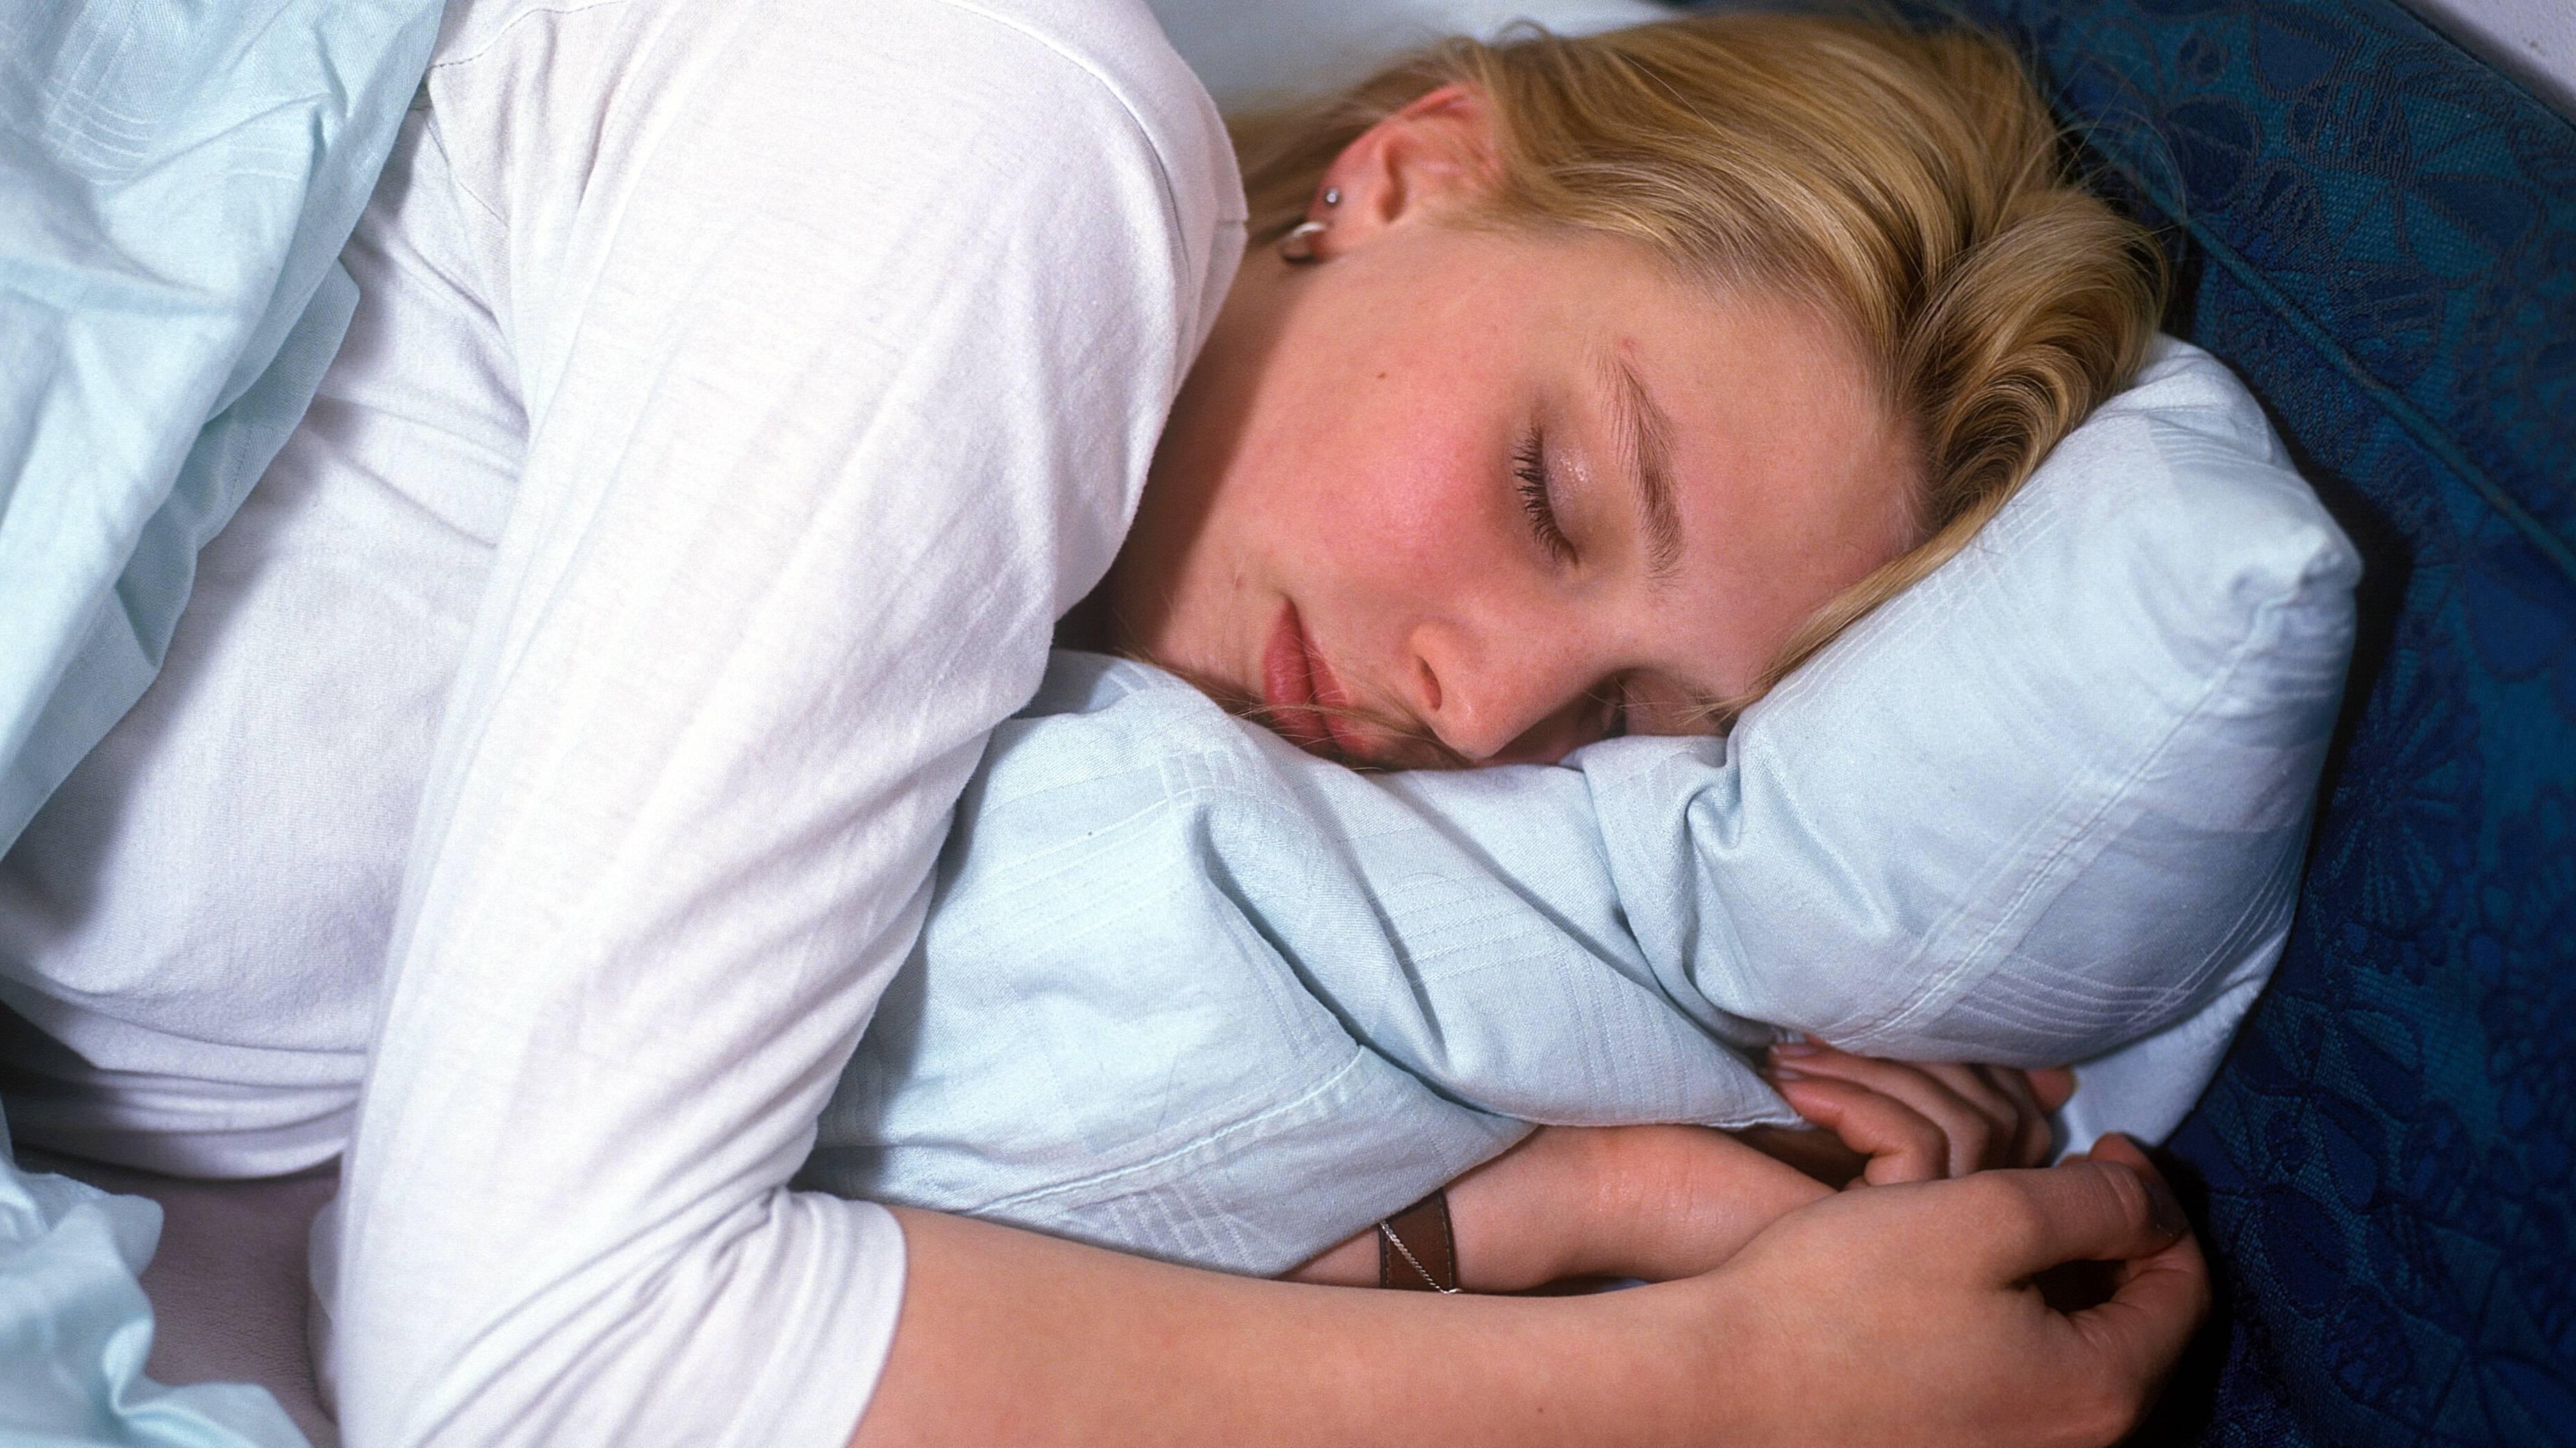 Schlafentzug hat extreme gesundheitliche Folgen - achten Sie daher auf ausreichend Schlaf.